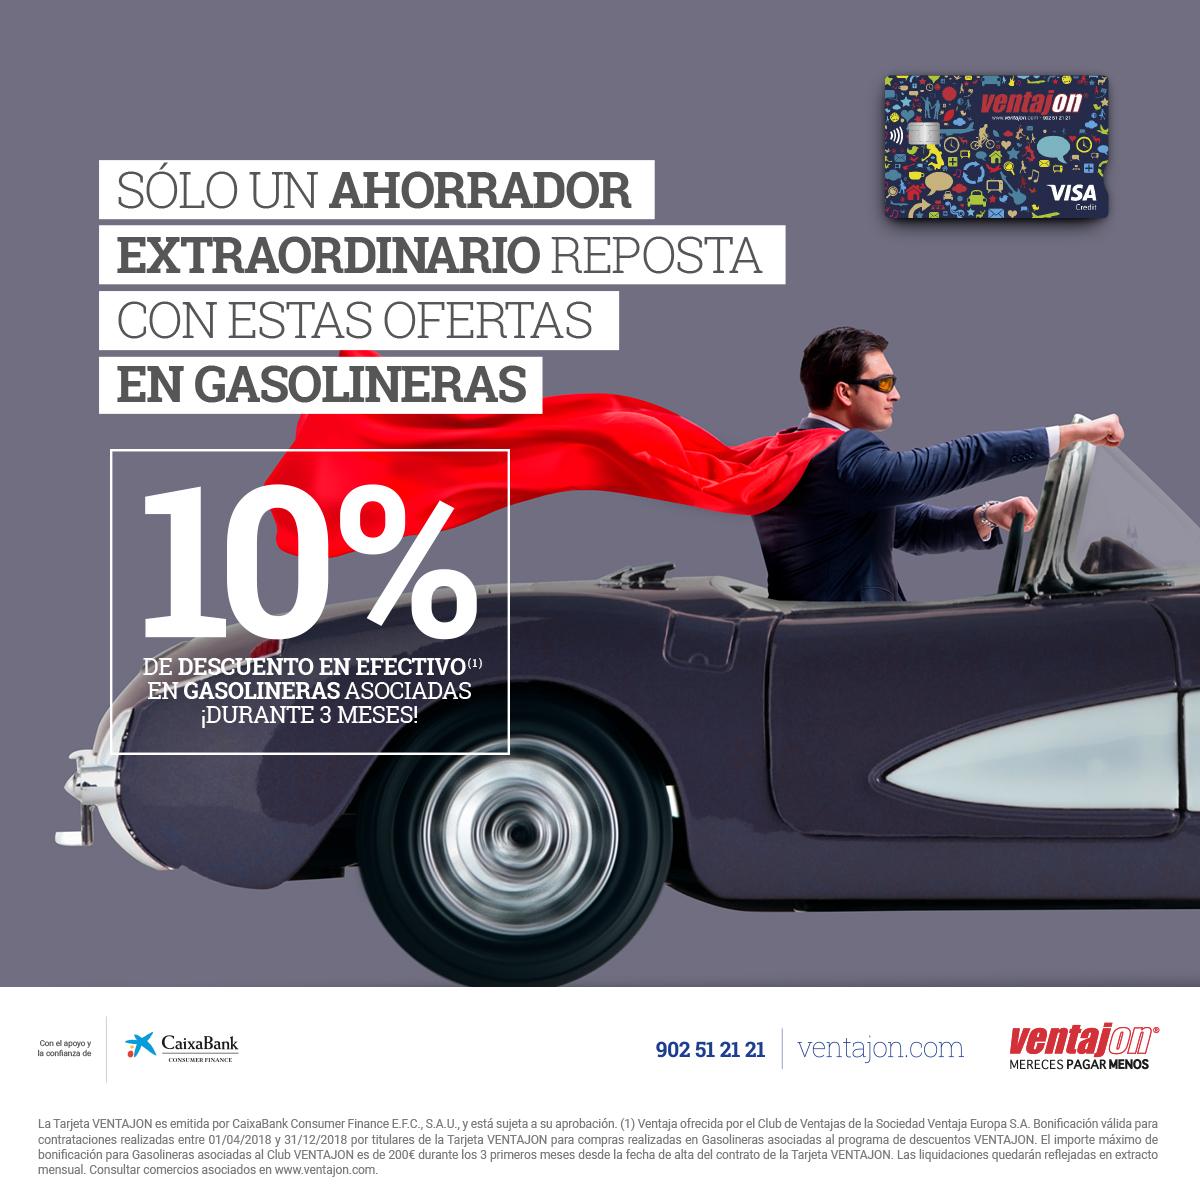 Ahorra un 10% en gasolina con la Tarjeta VENTAJON.